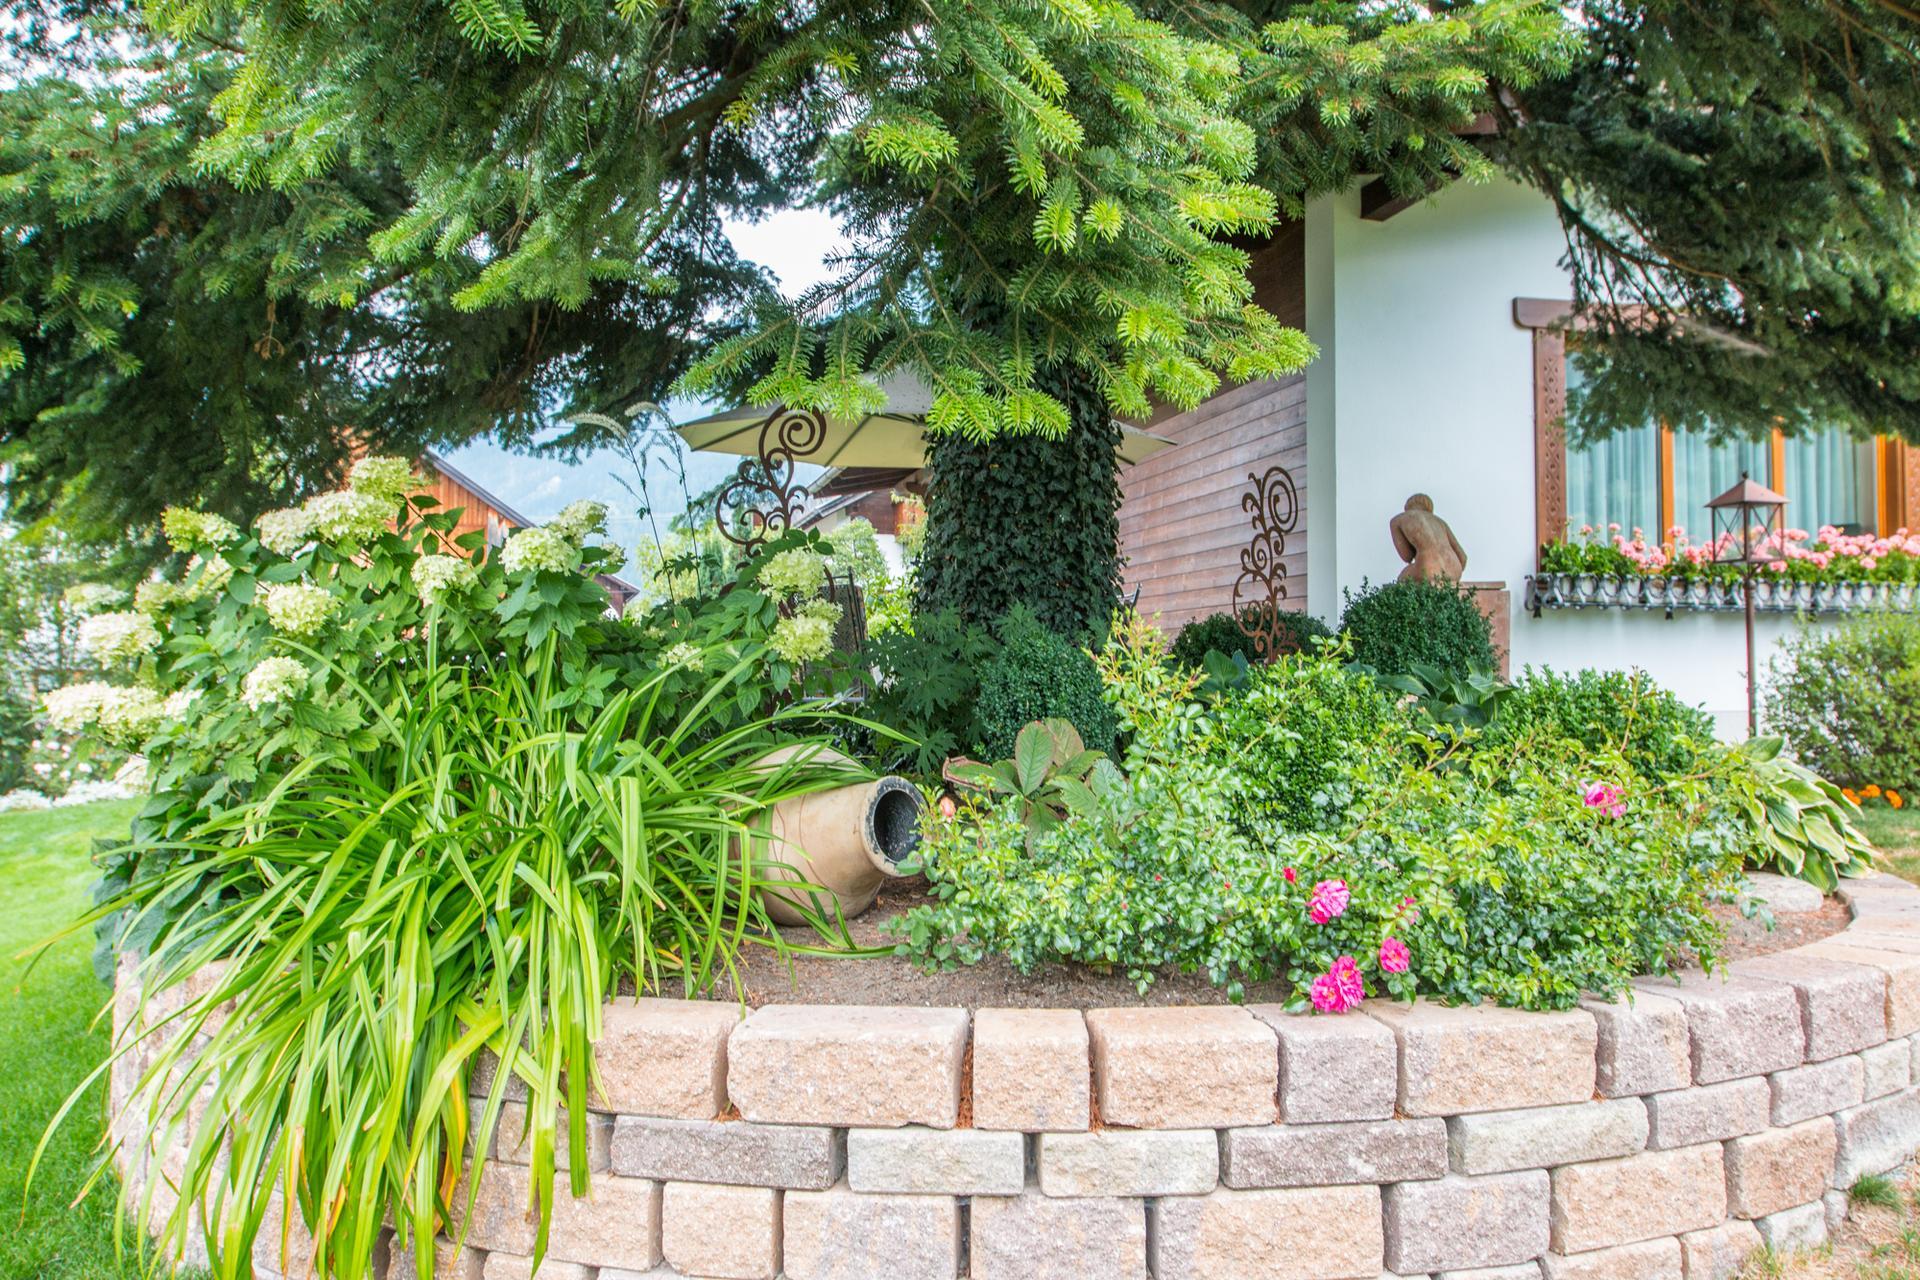 Lebe deinen garten gartenerlebnis lutz in prutz for Gartengestaltung tirol